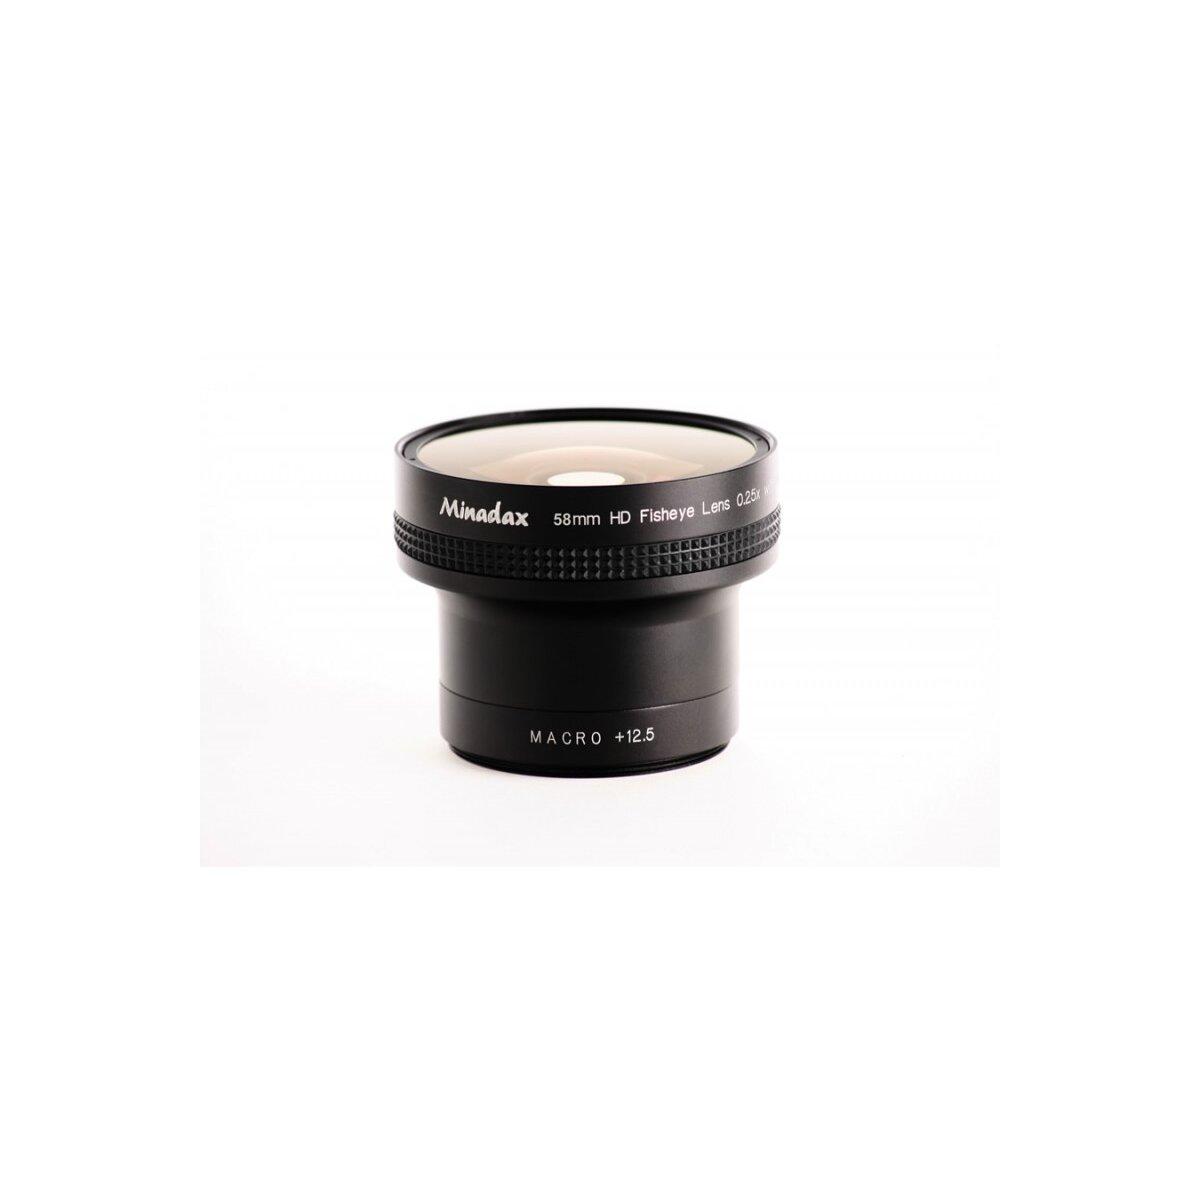 Minadax 0.25x Fisheye Vorsatz kompatibel mit Canon Powershot Pro1 - in schwarz